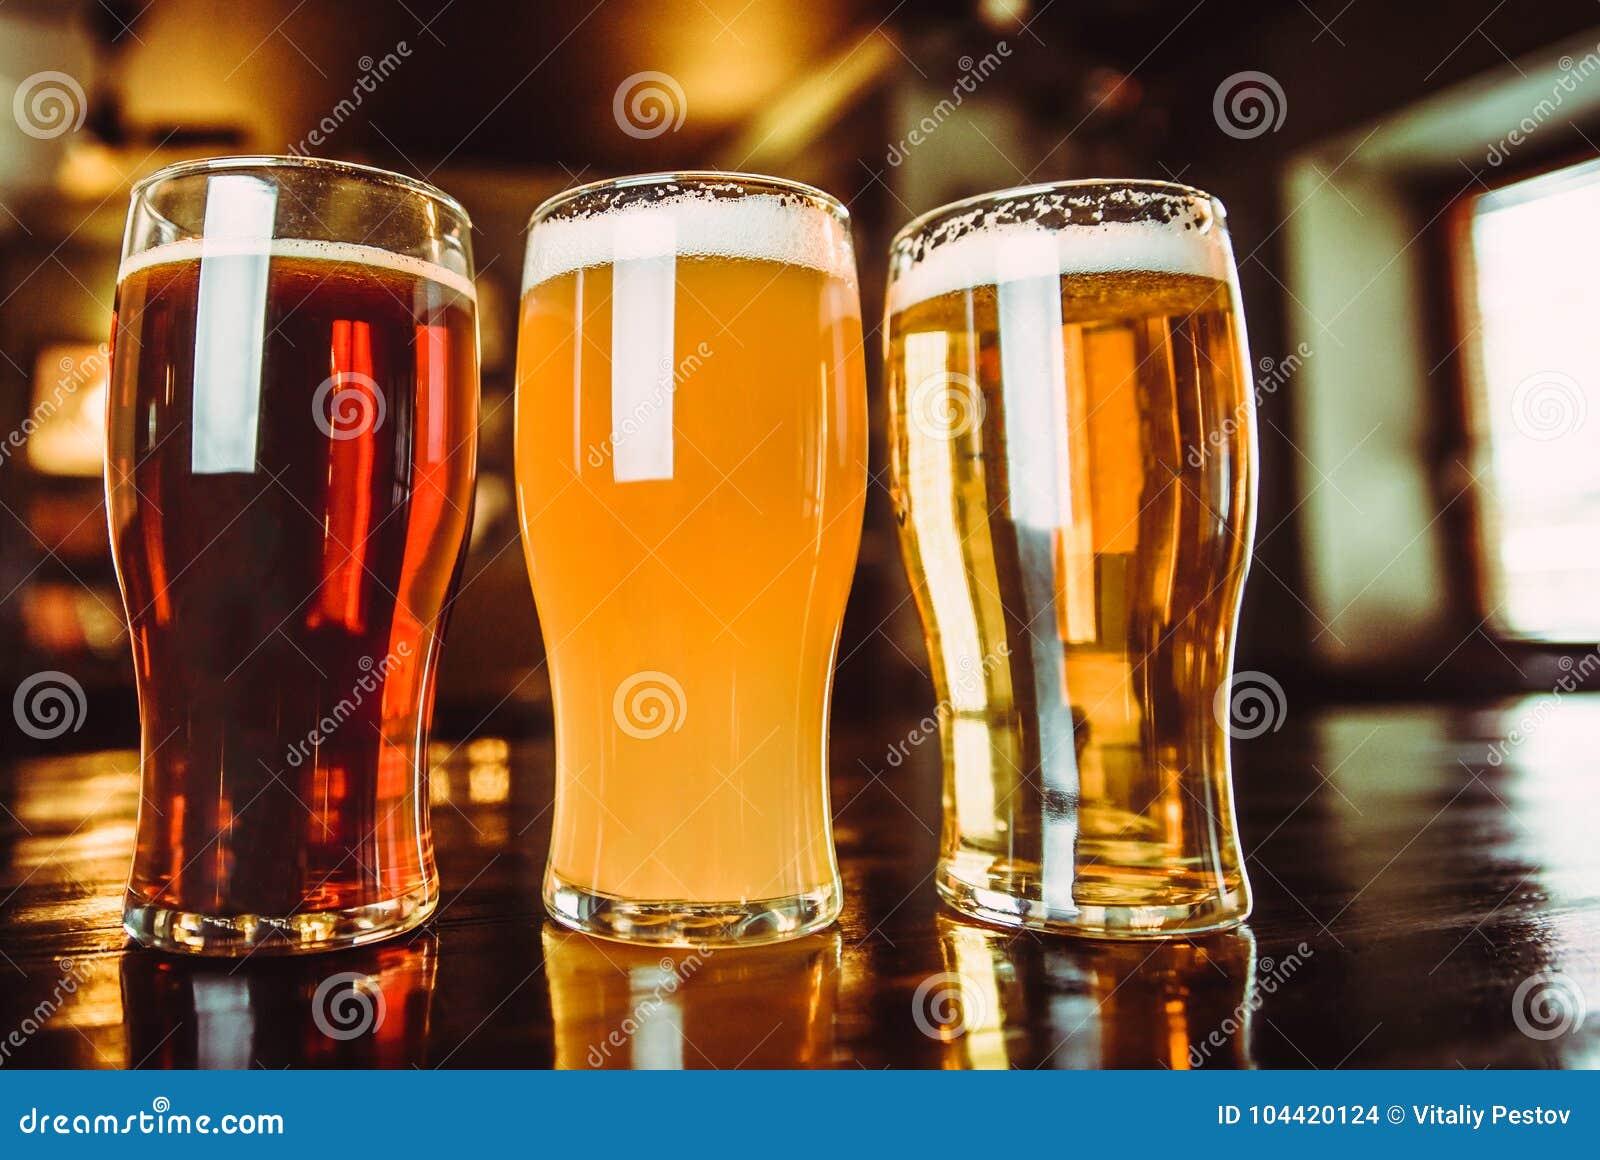 Стекла светлого и темного пива на предпосылке pub